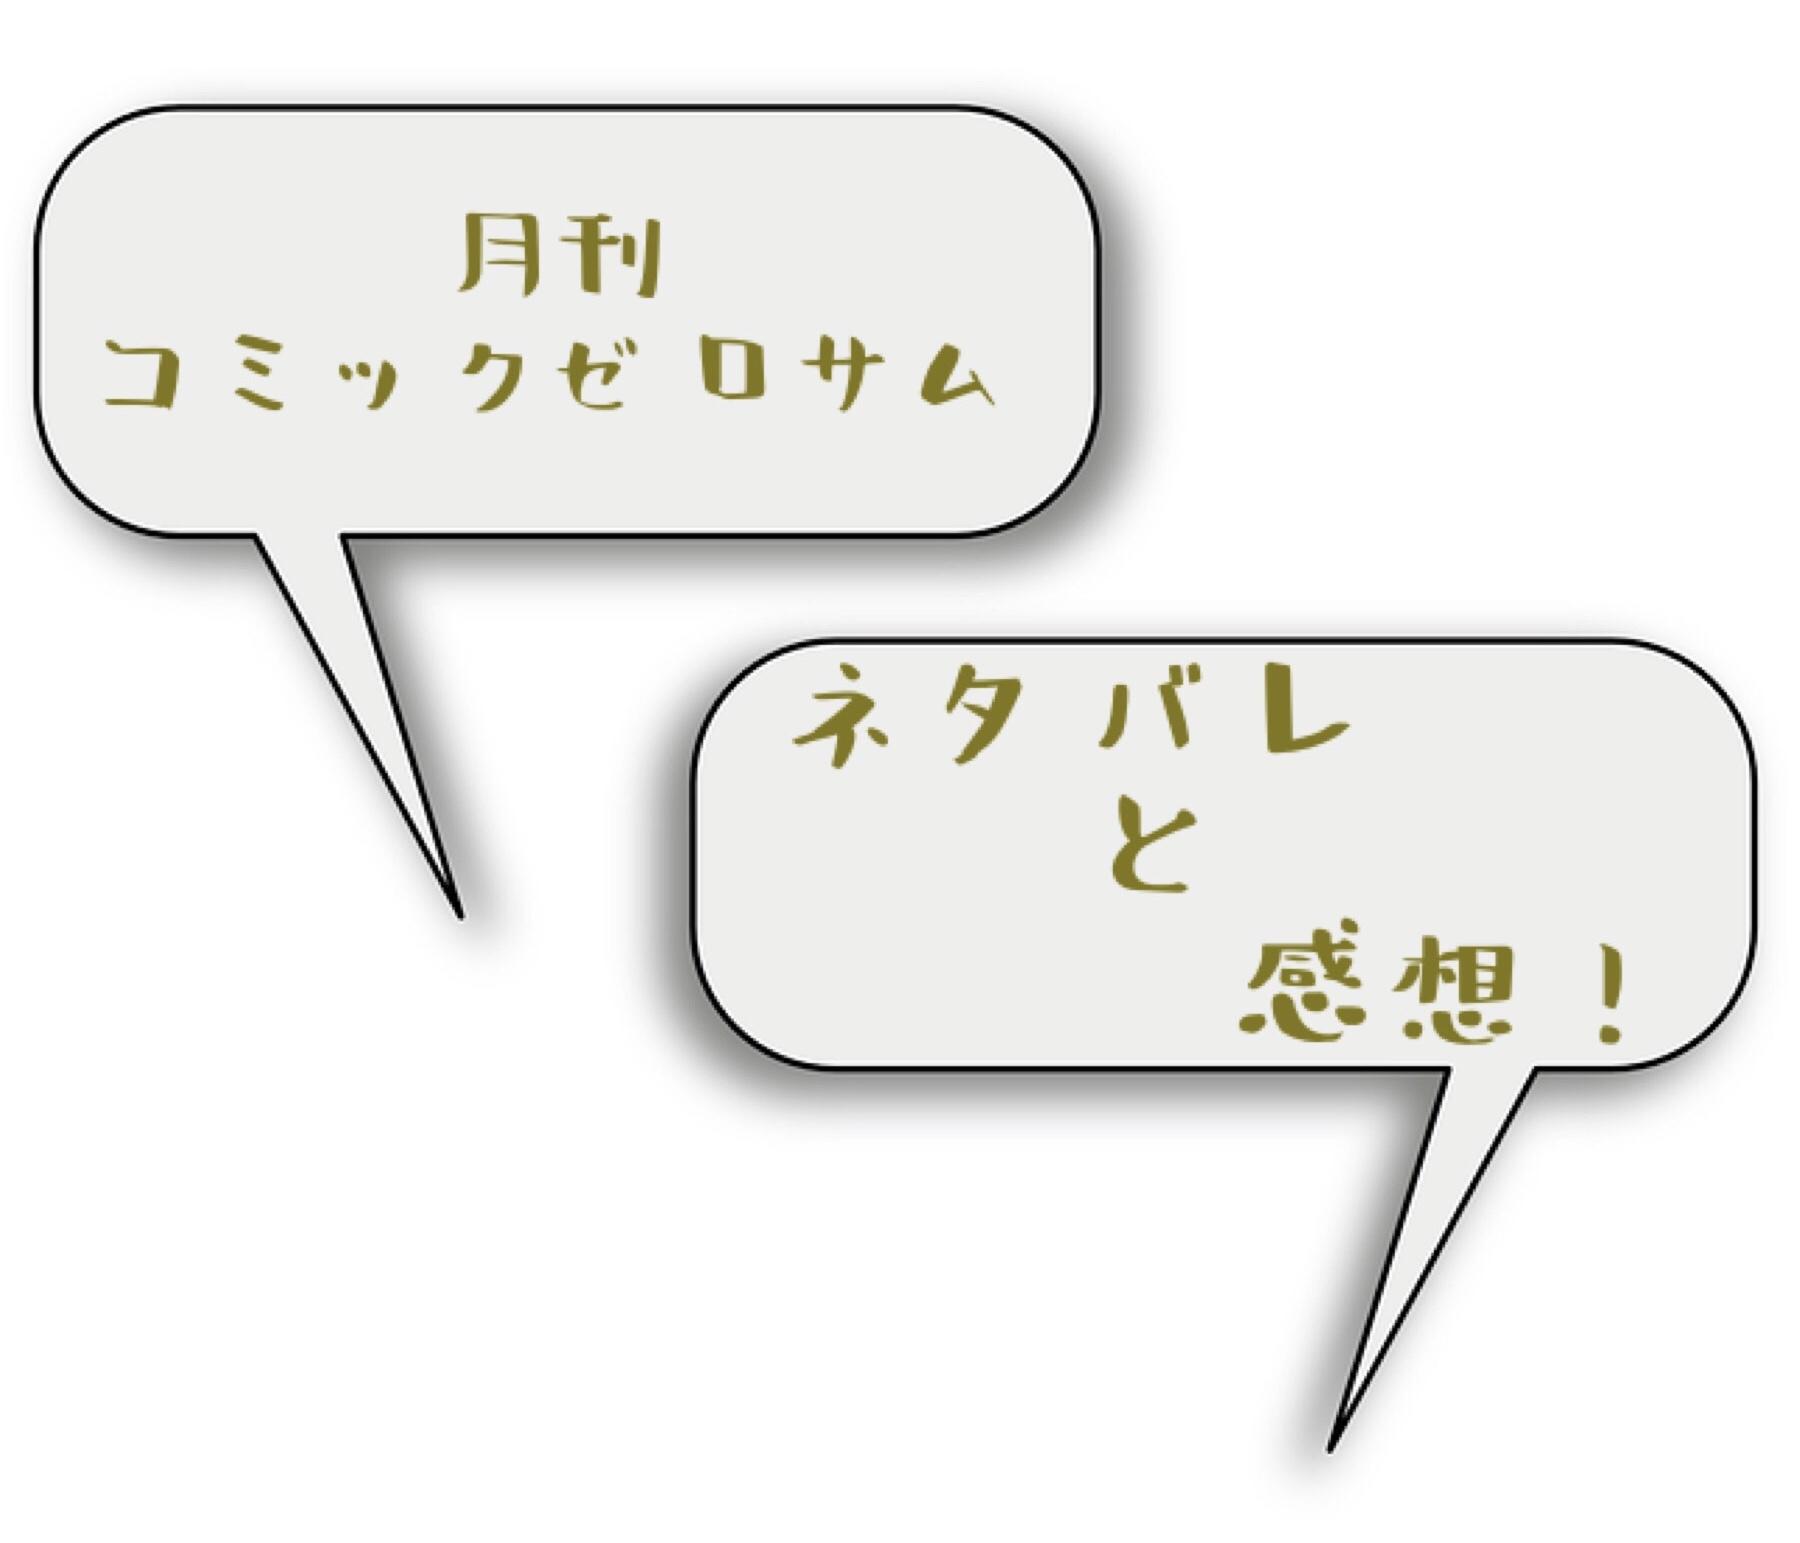 ランドリオール【最新第206話】0/6 ネタバレと感想!